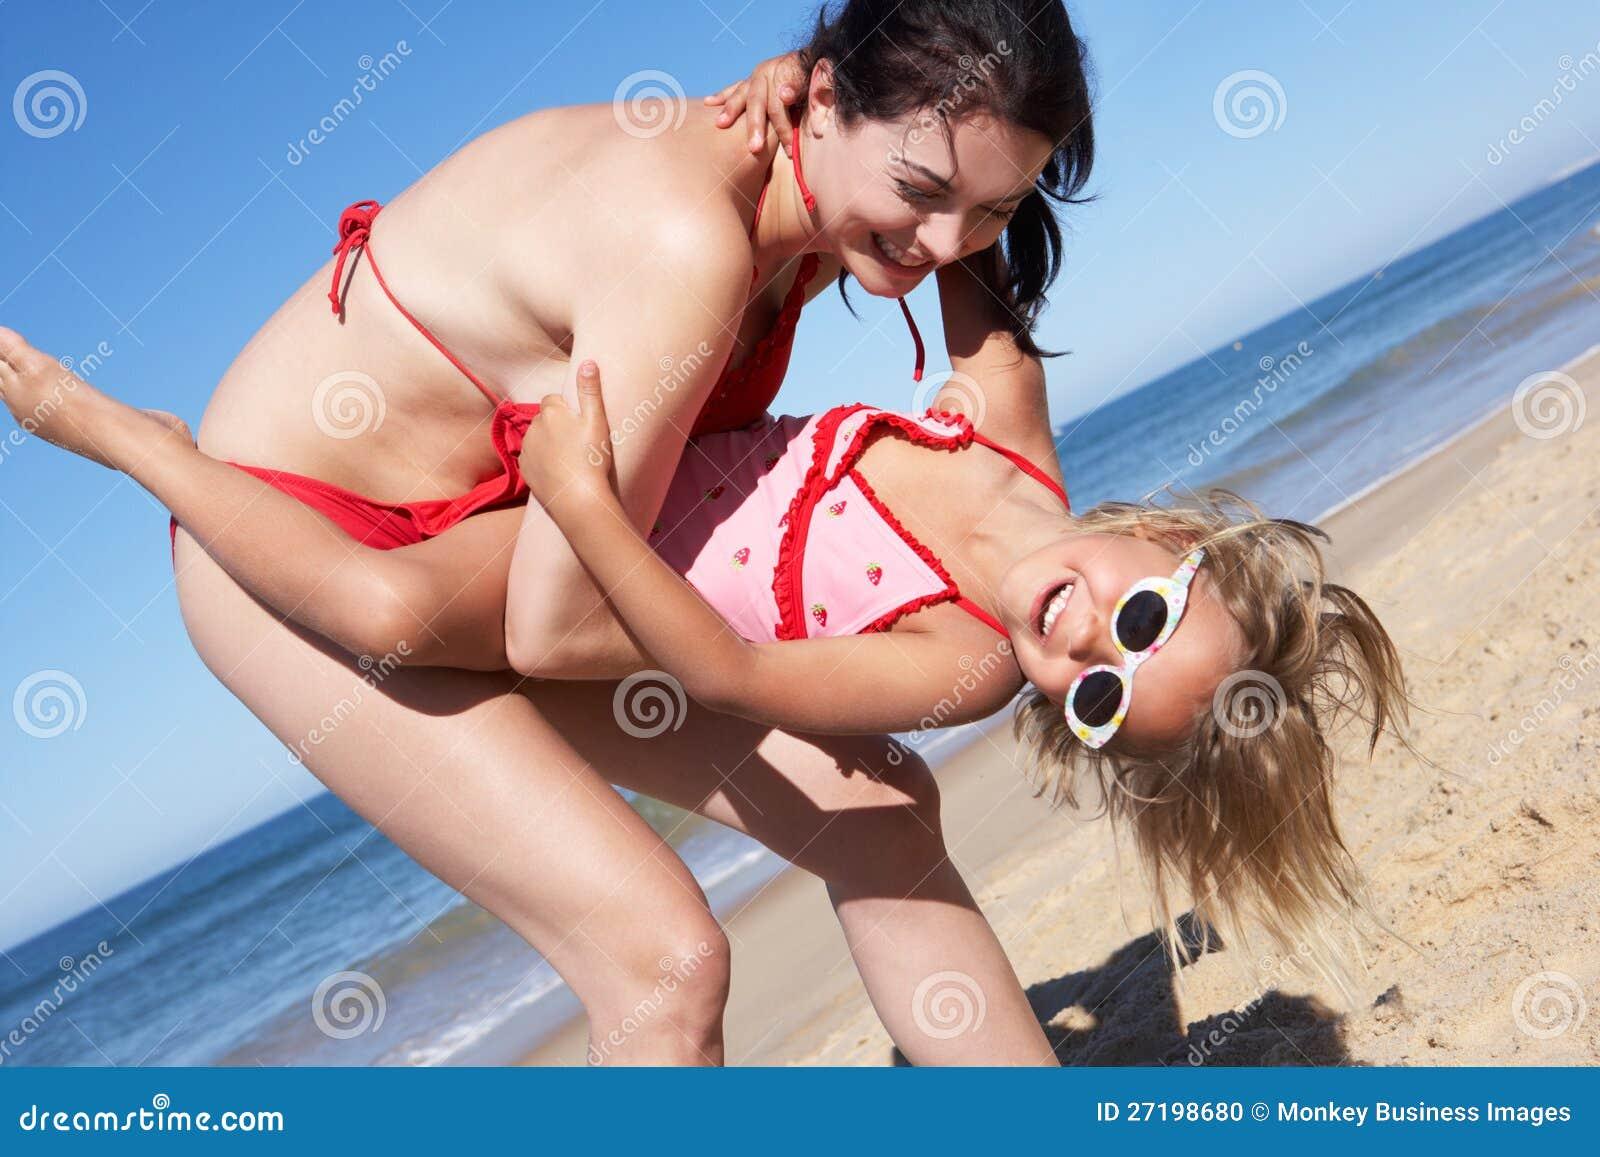 порно зрелые лизбиянки